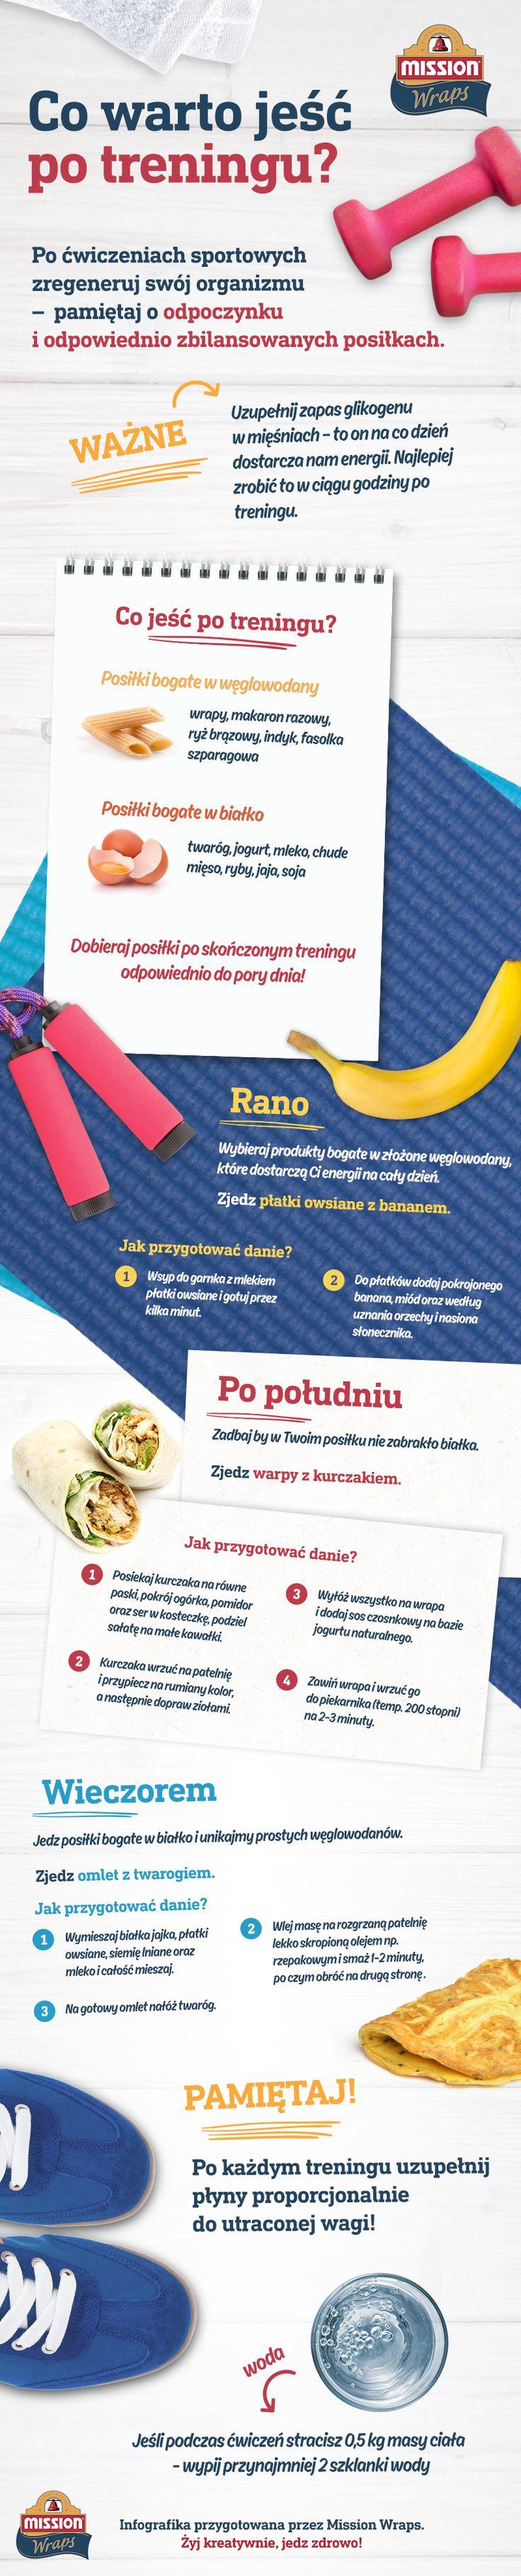 #missionwraps #wraps #infografika #obiady #jedzenie #dieta #przepis #porada #inphographic #food #inspiration #meal #nawyki #jedzenie #sondaż #badanie #inspiracja #wrapy #trening #sport #dieta www.missionwraps.pl